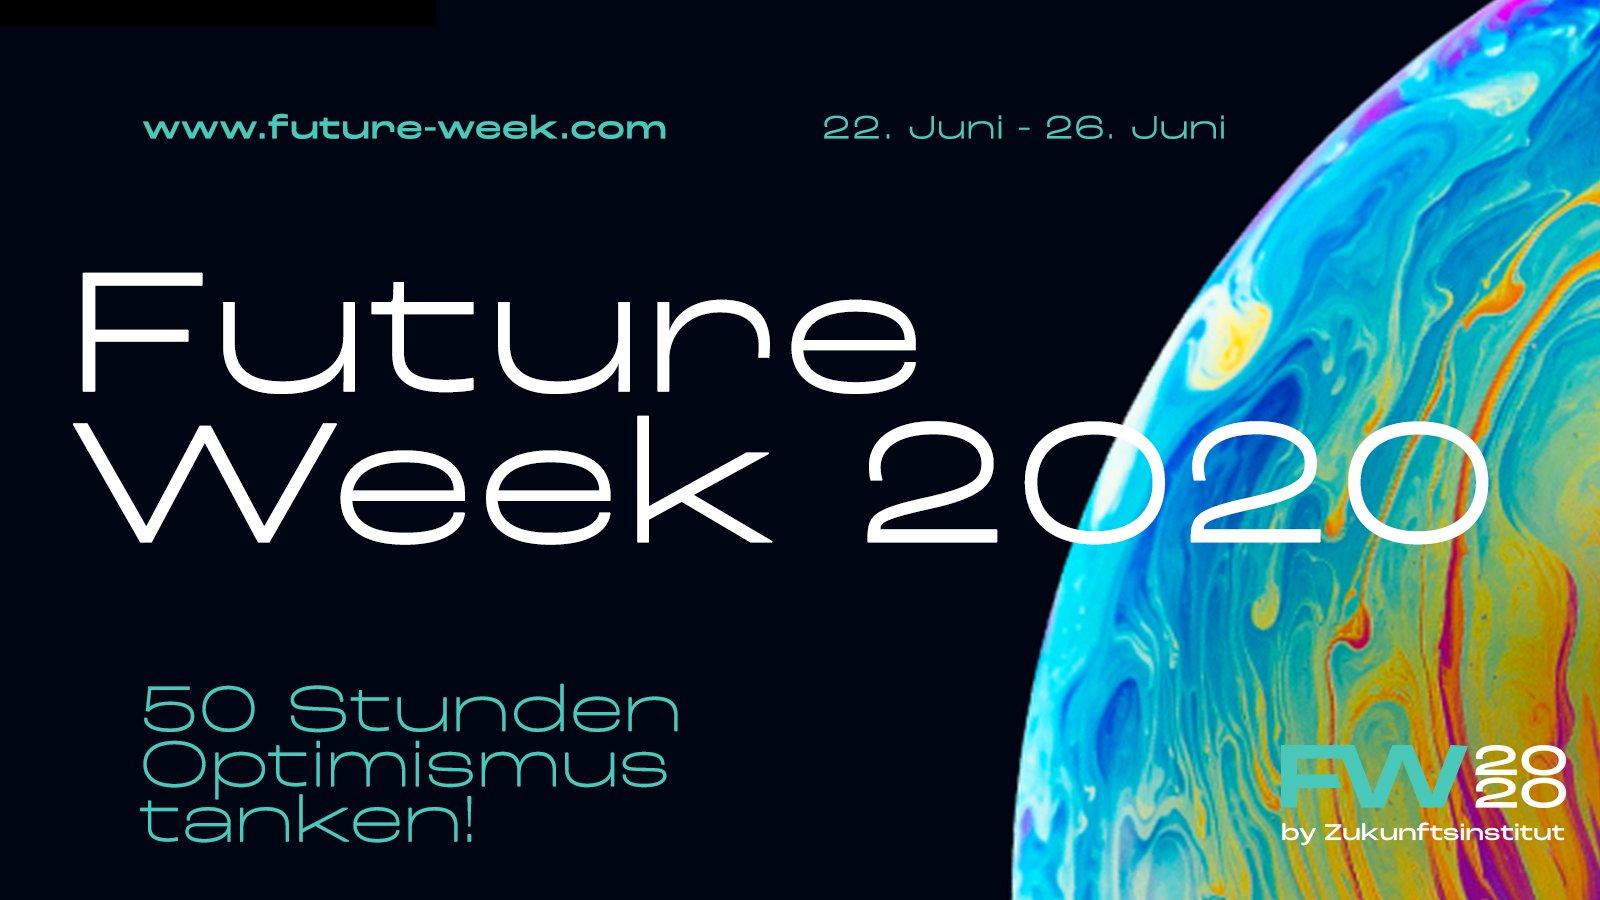 Furture Week 2020 12